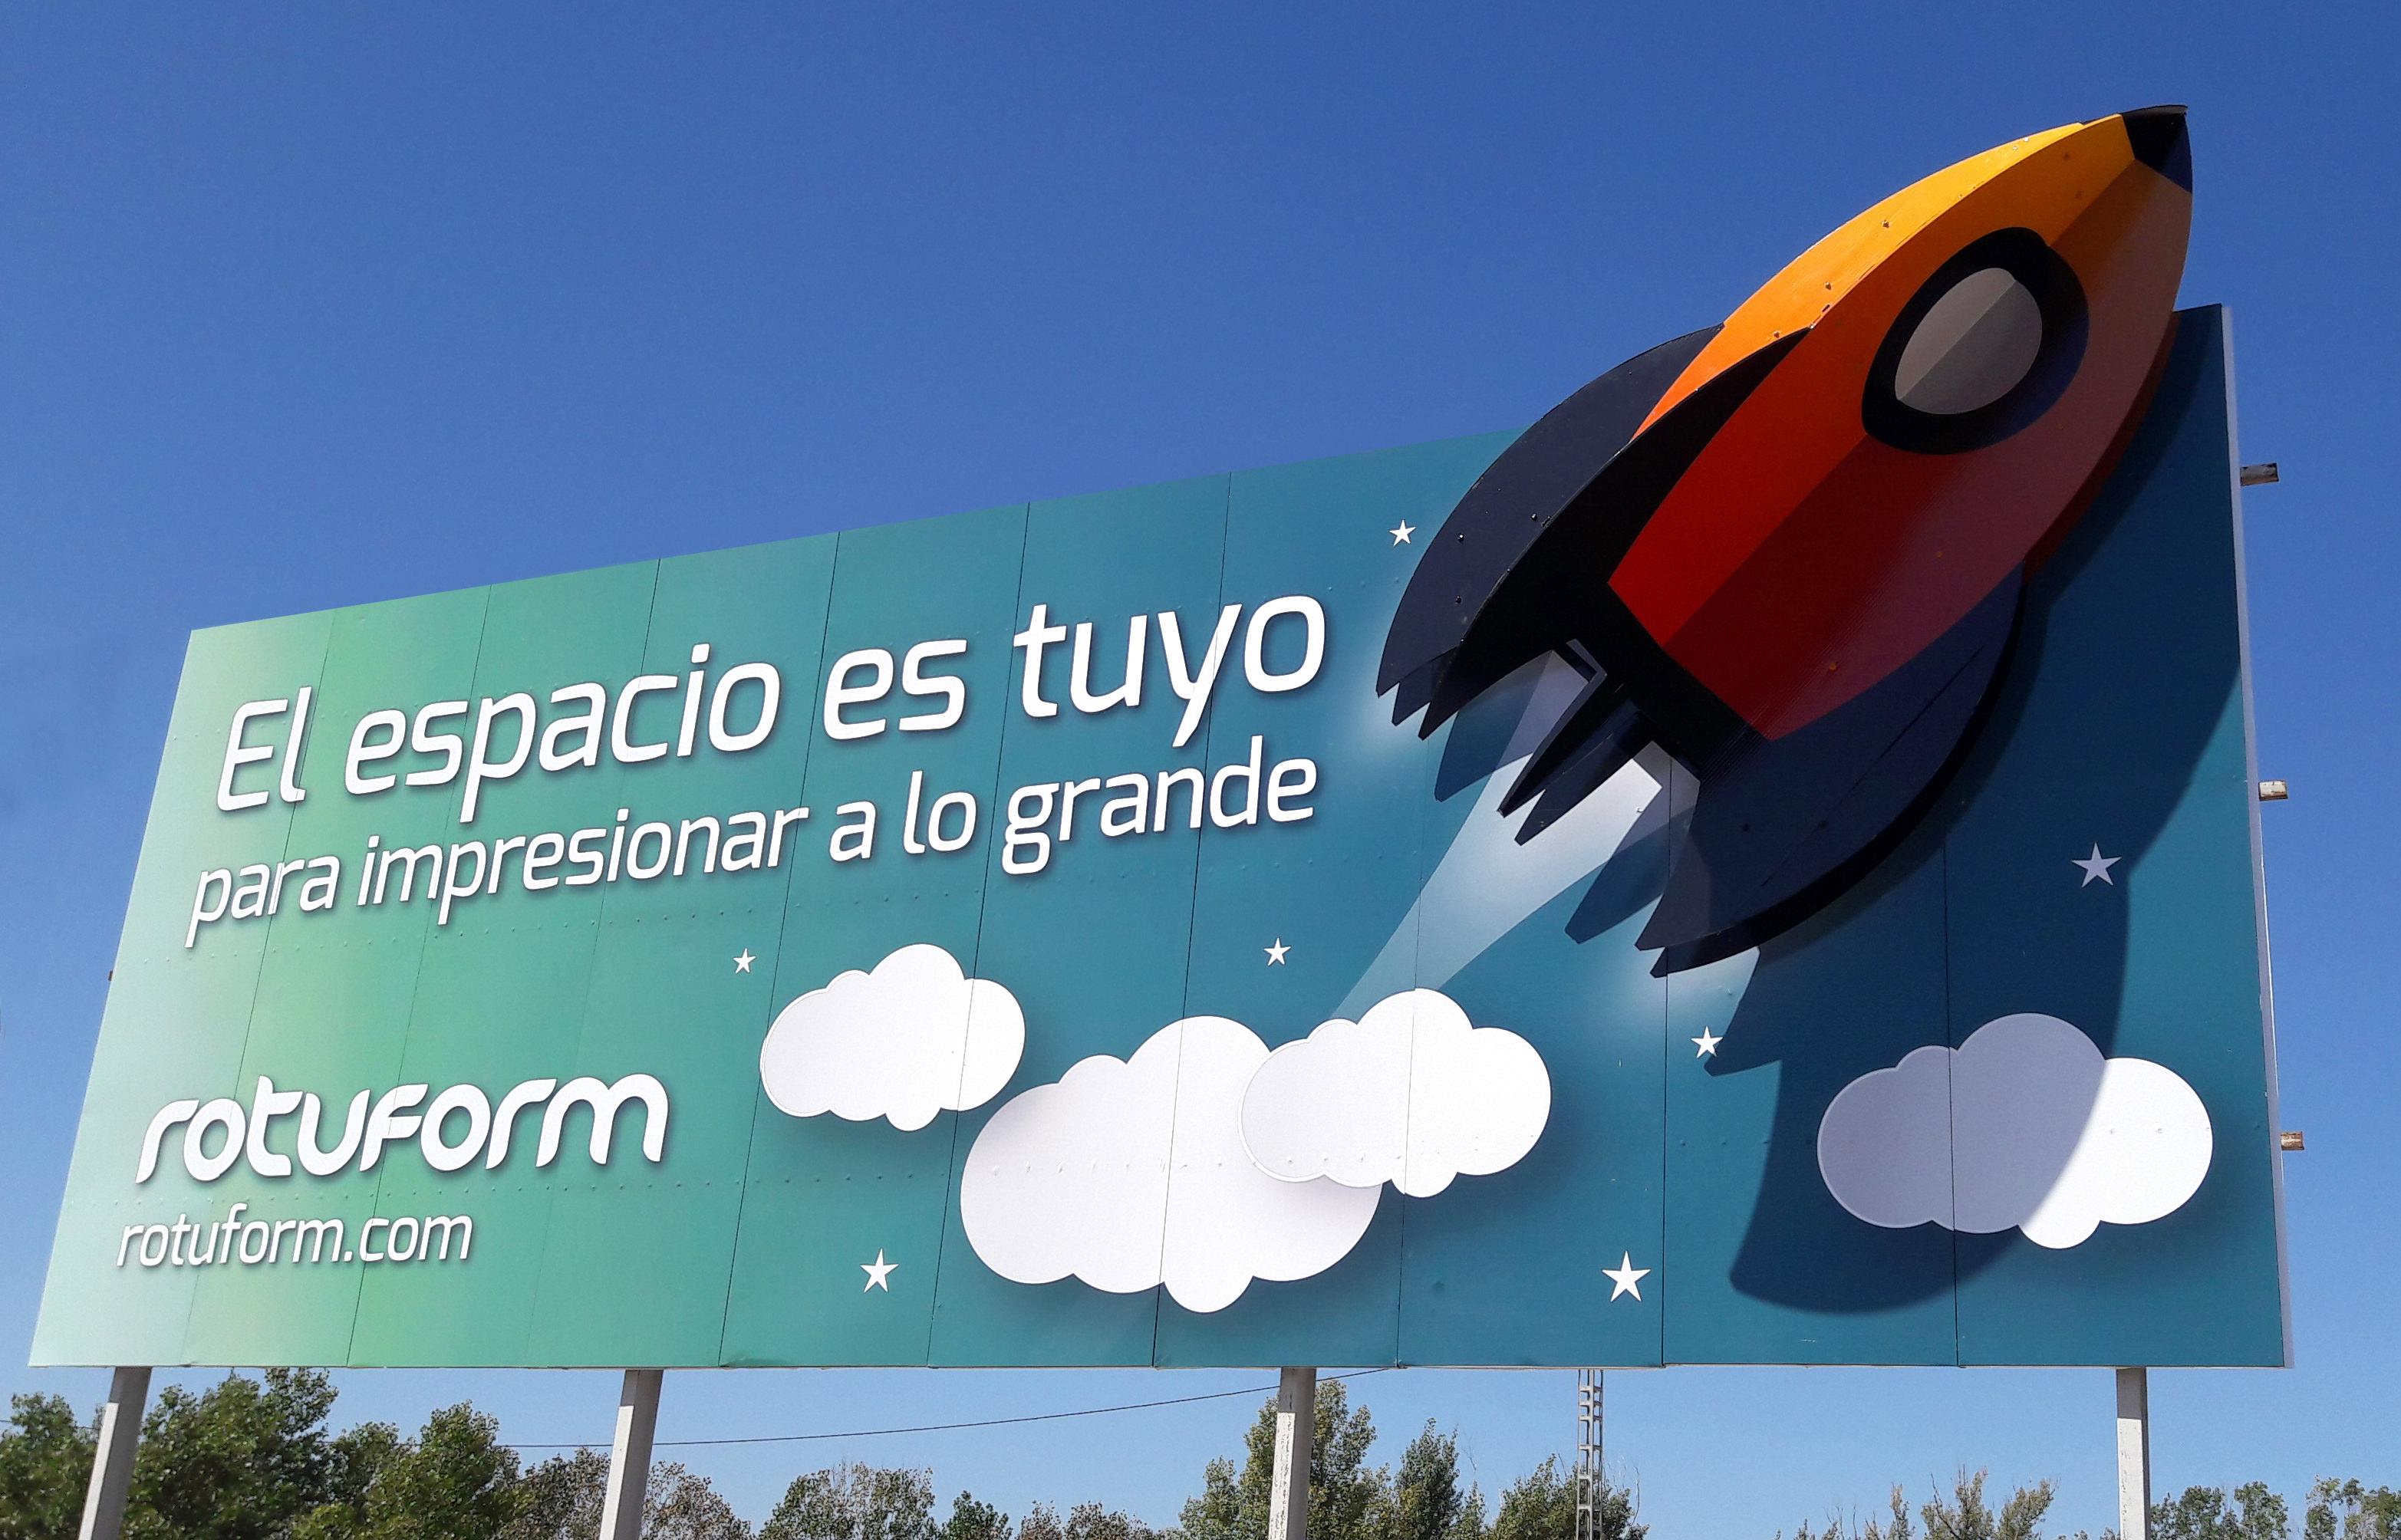 Agencia de propulsión espacial